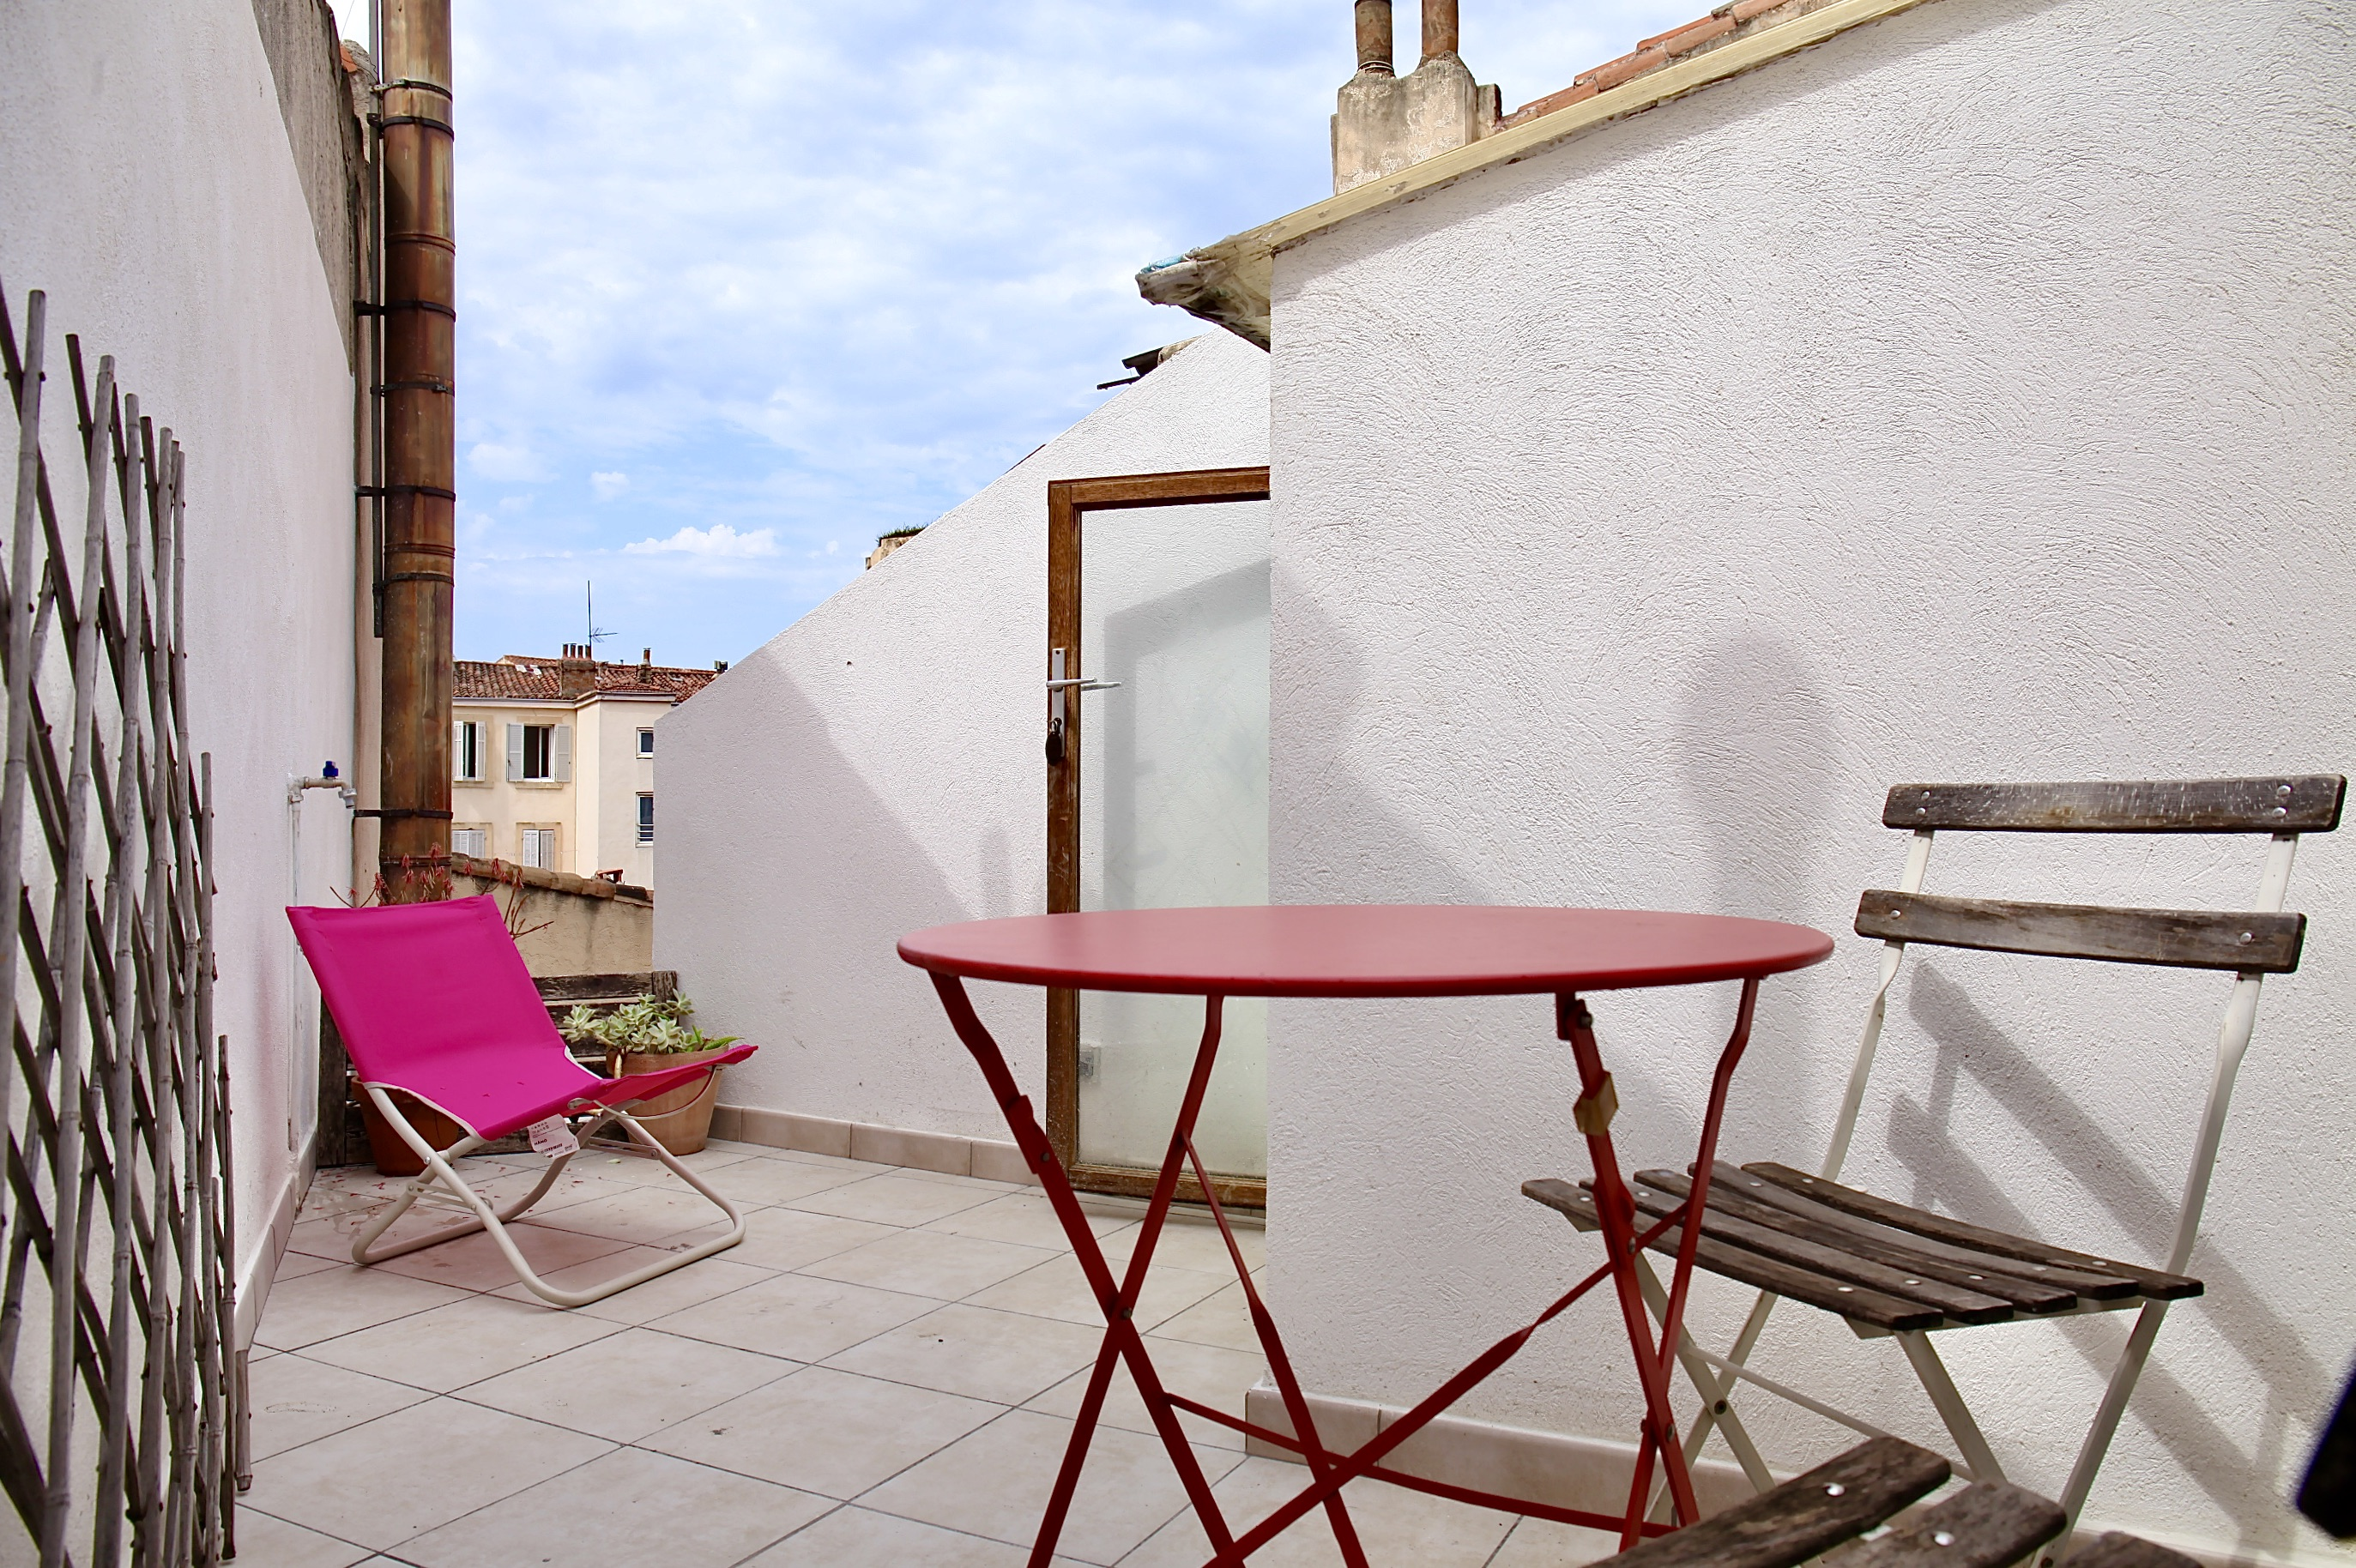 Sous offre au prix - 6e- Notre Dame du Mont- Atypique T2 /3 - Toit terrasse - 225 000 €